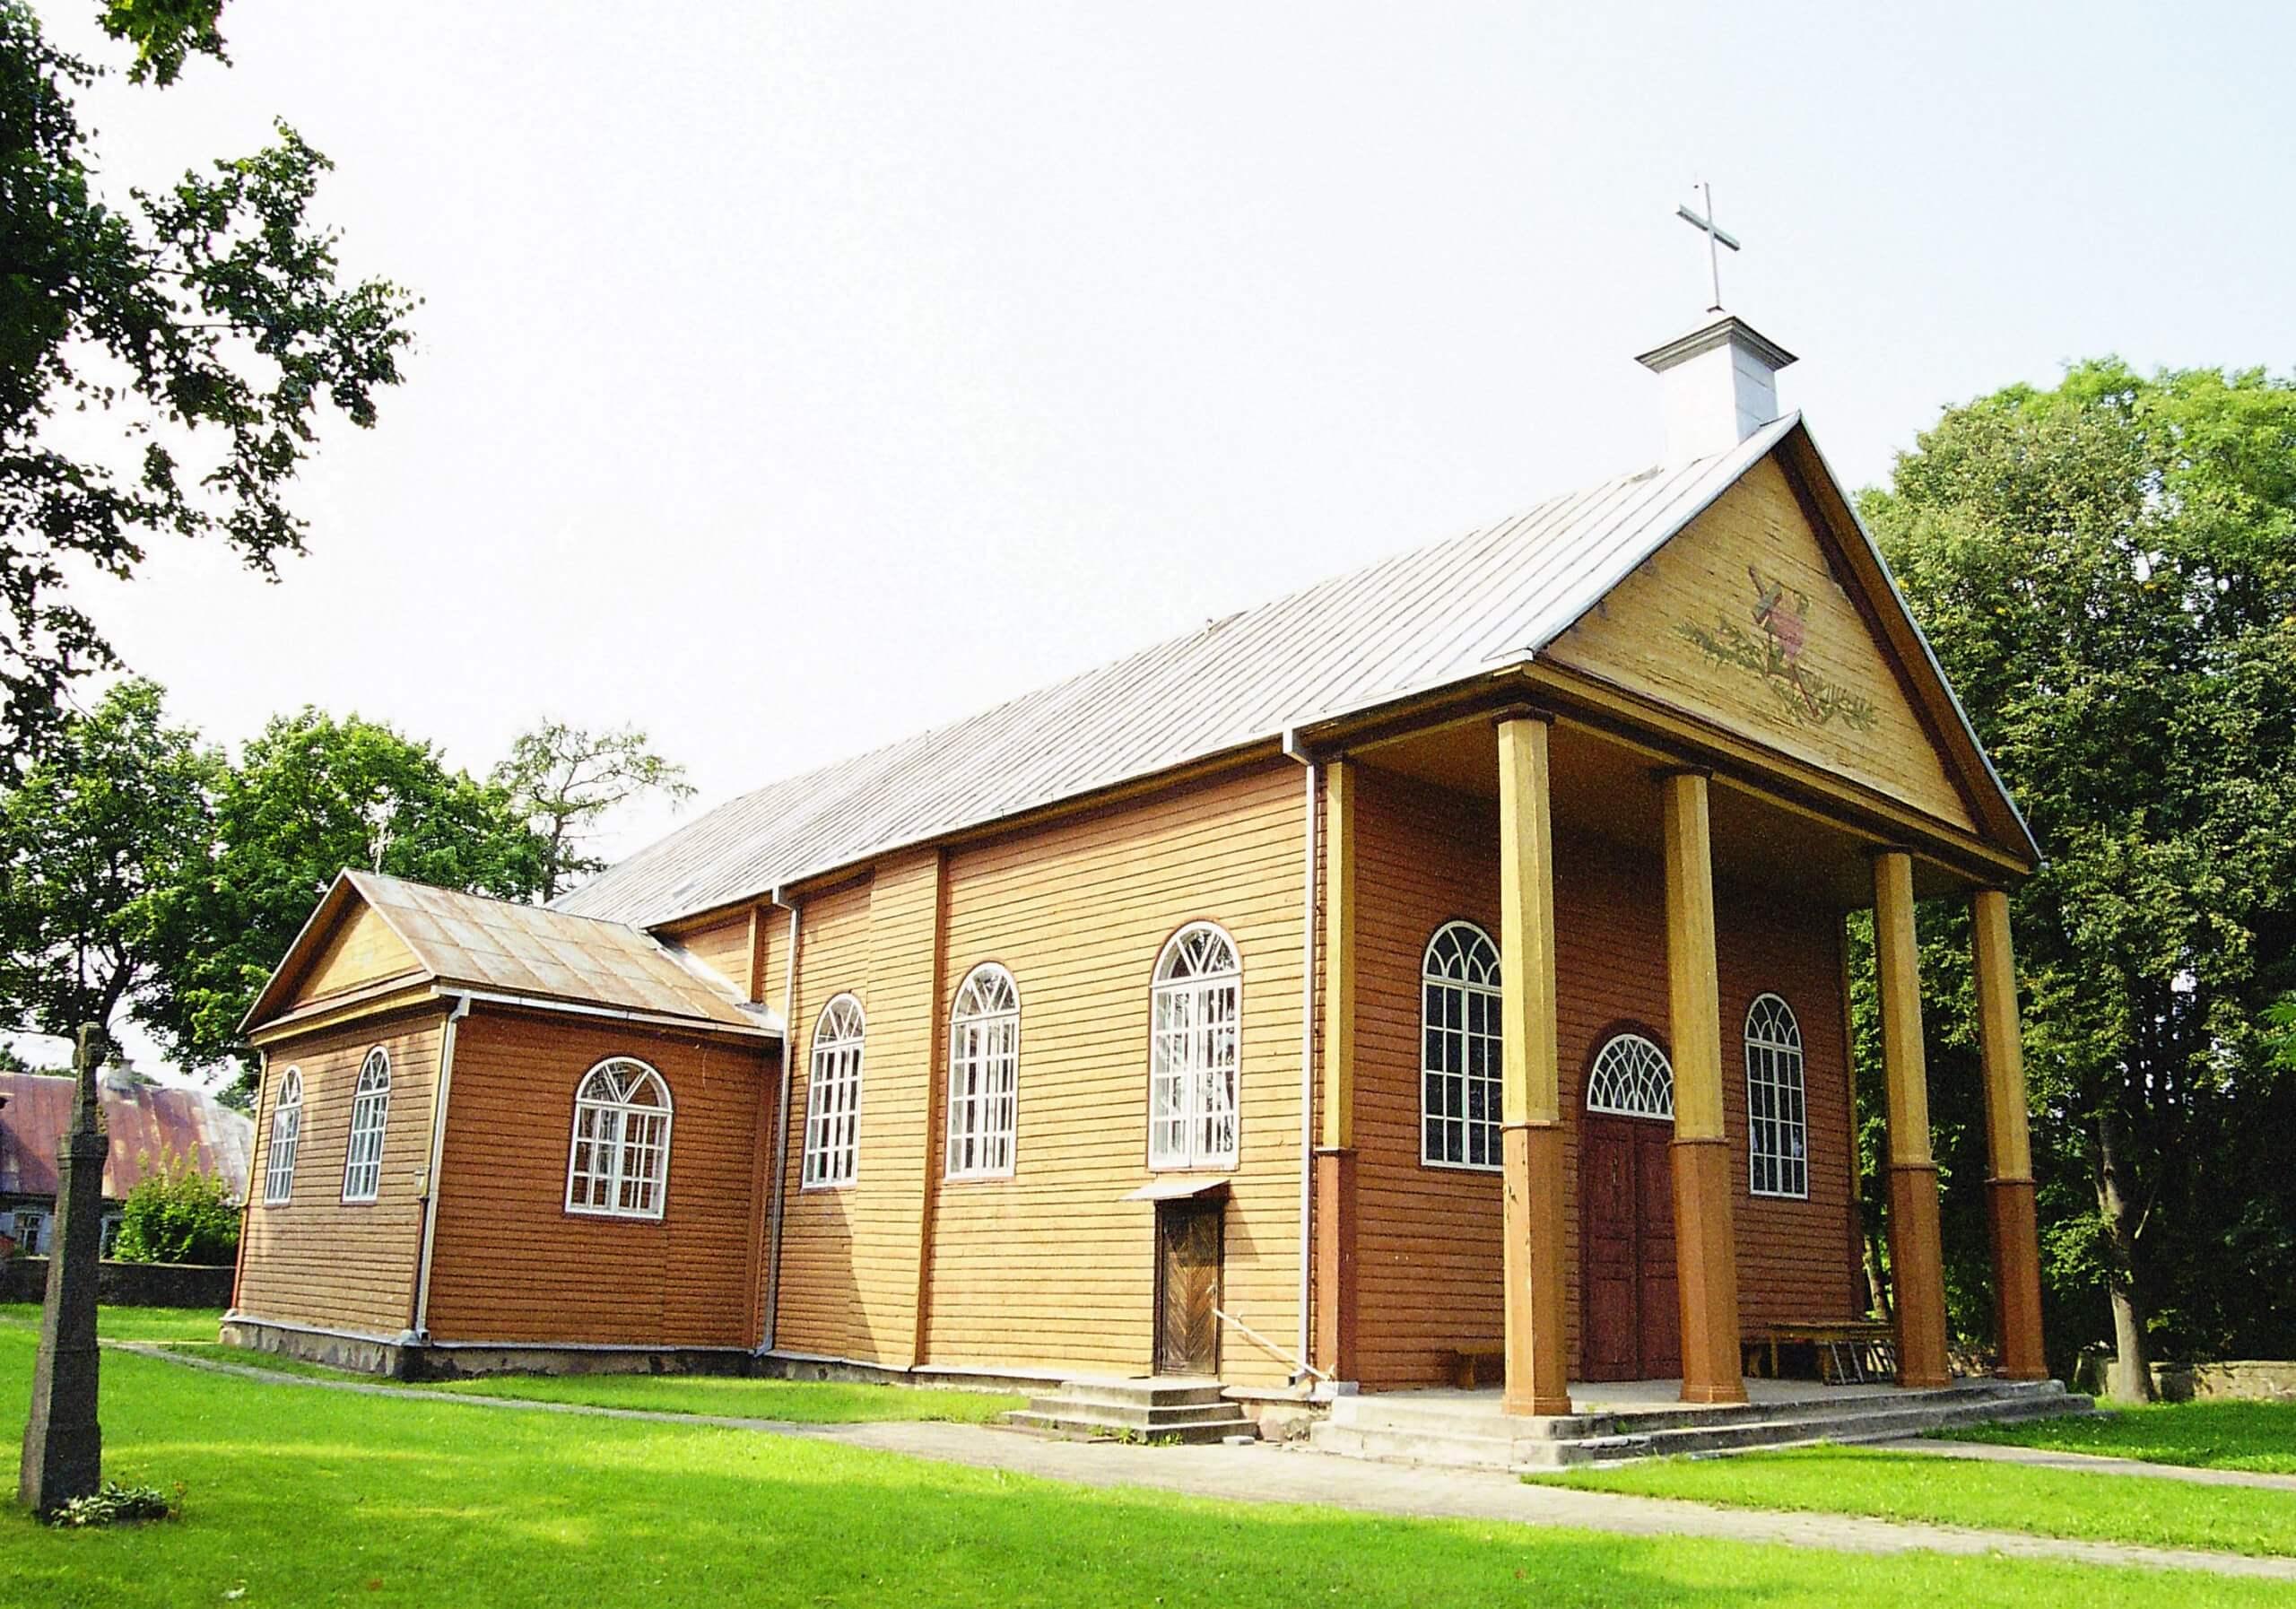 Kurklių Šv. Jurgio bažnyčia (Anykščių rajonas)